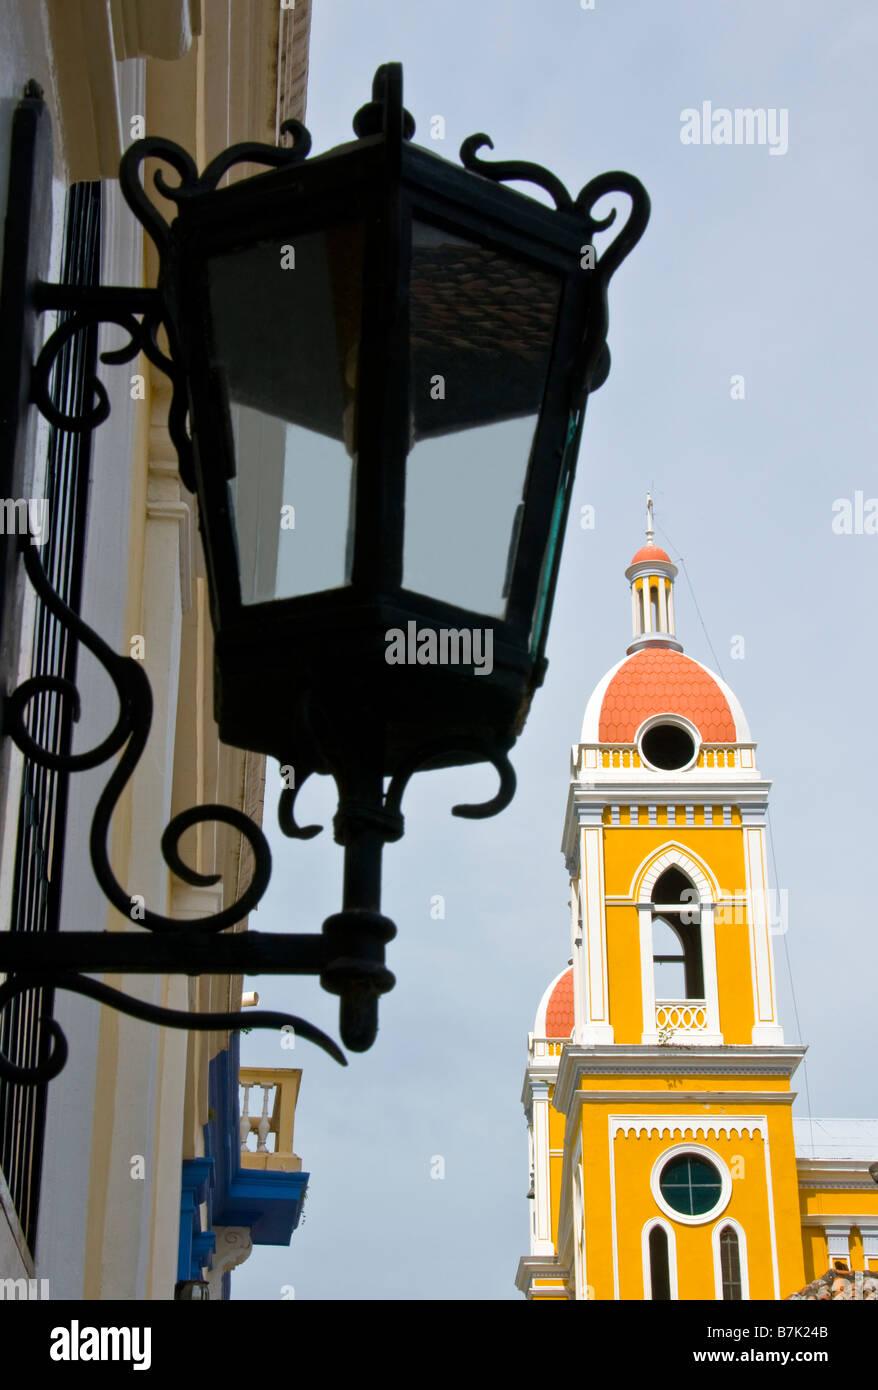 L'architecture coloniale, la Cathédrale de Grenade le clocher et l'hôtel La Gran Francia lamp Photo Stock